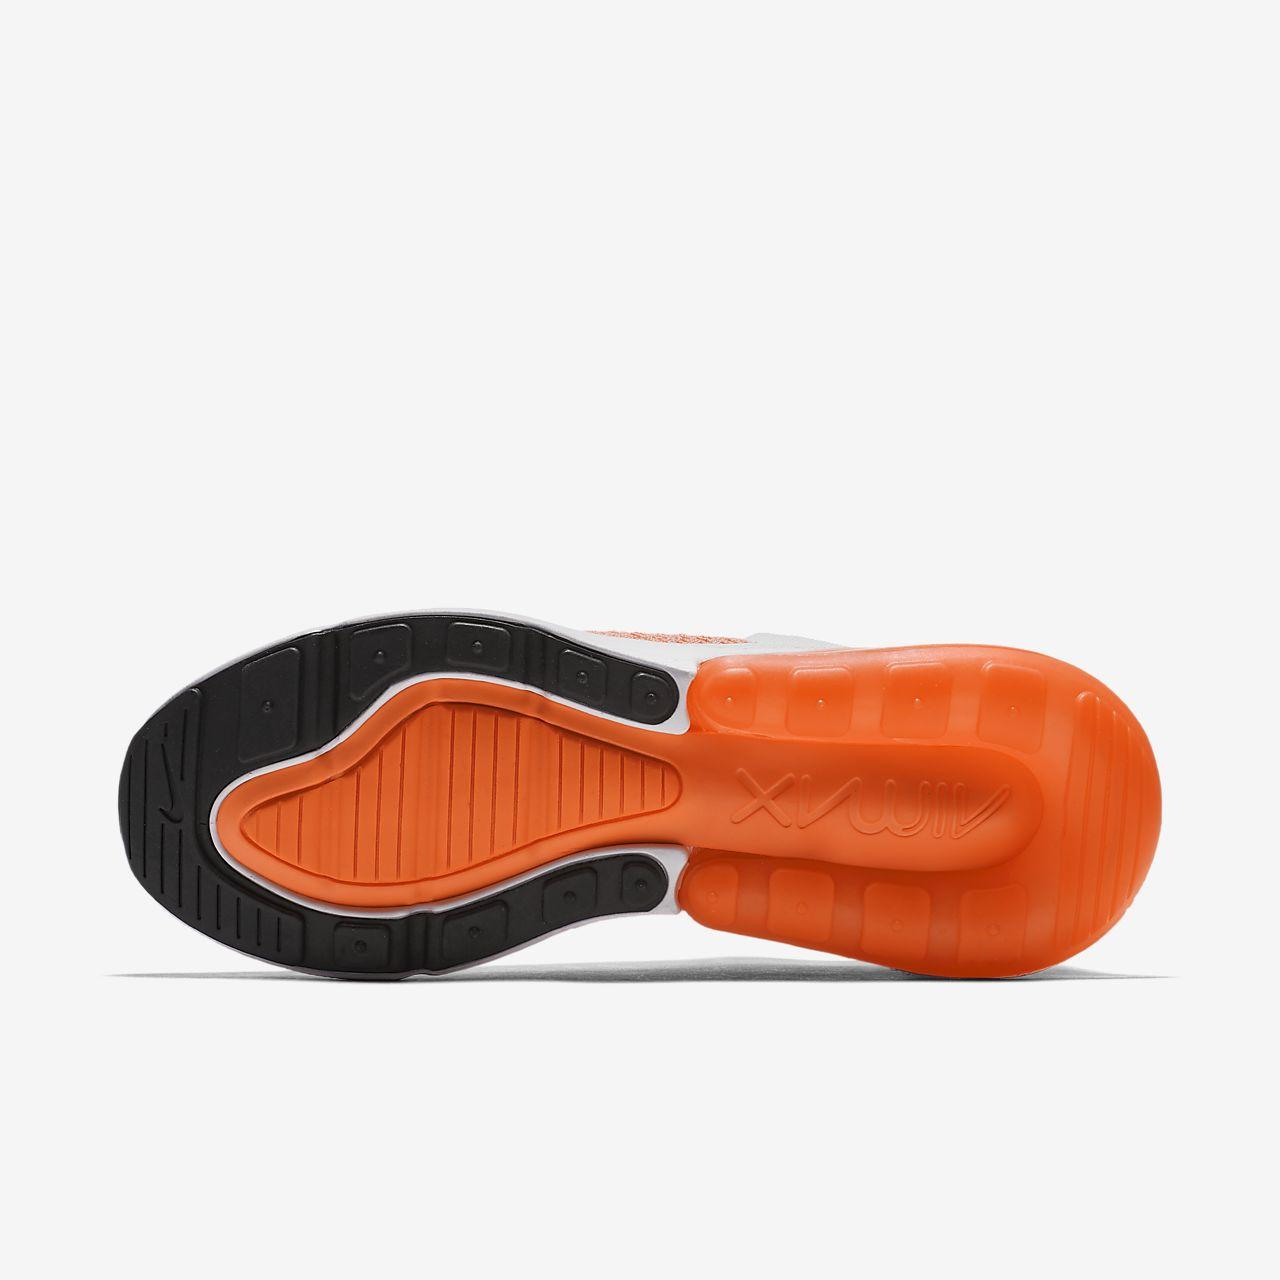 ... Nike Air Max 270 Flyknit Women's Shoe